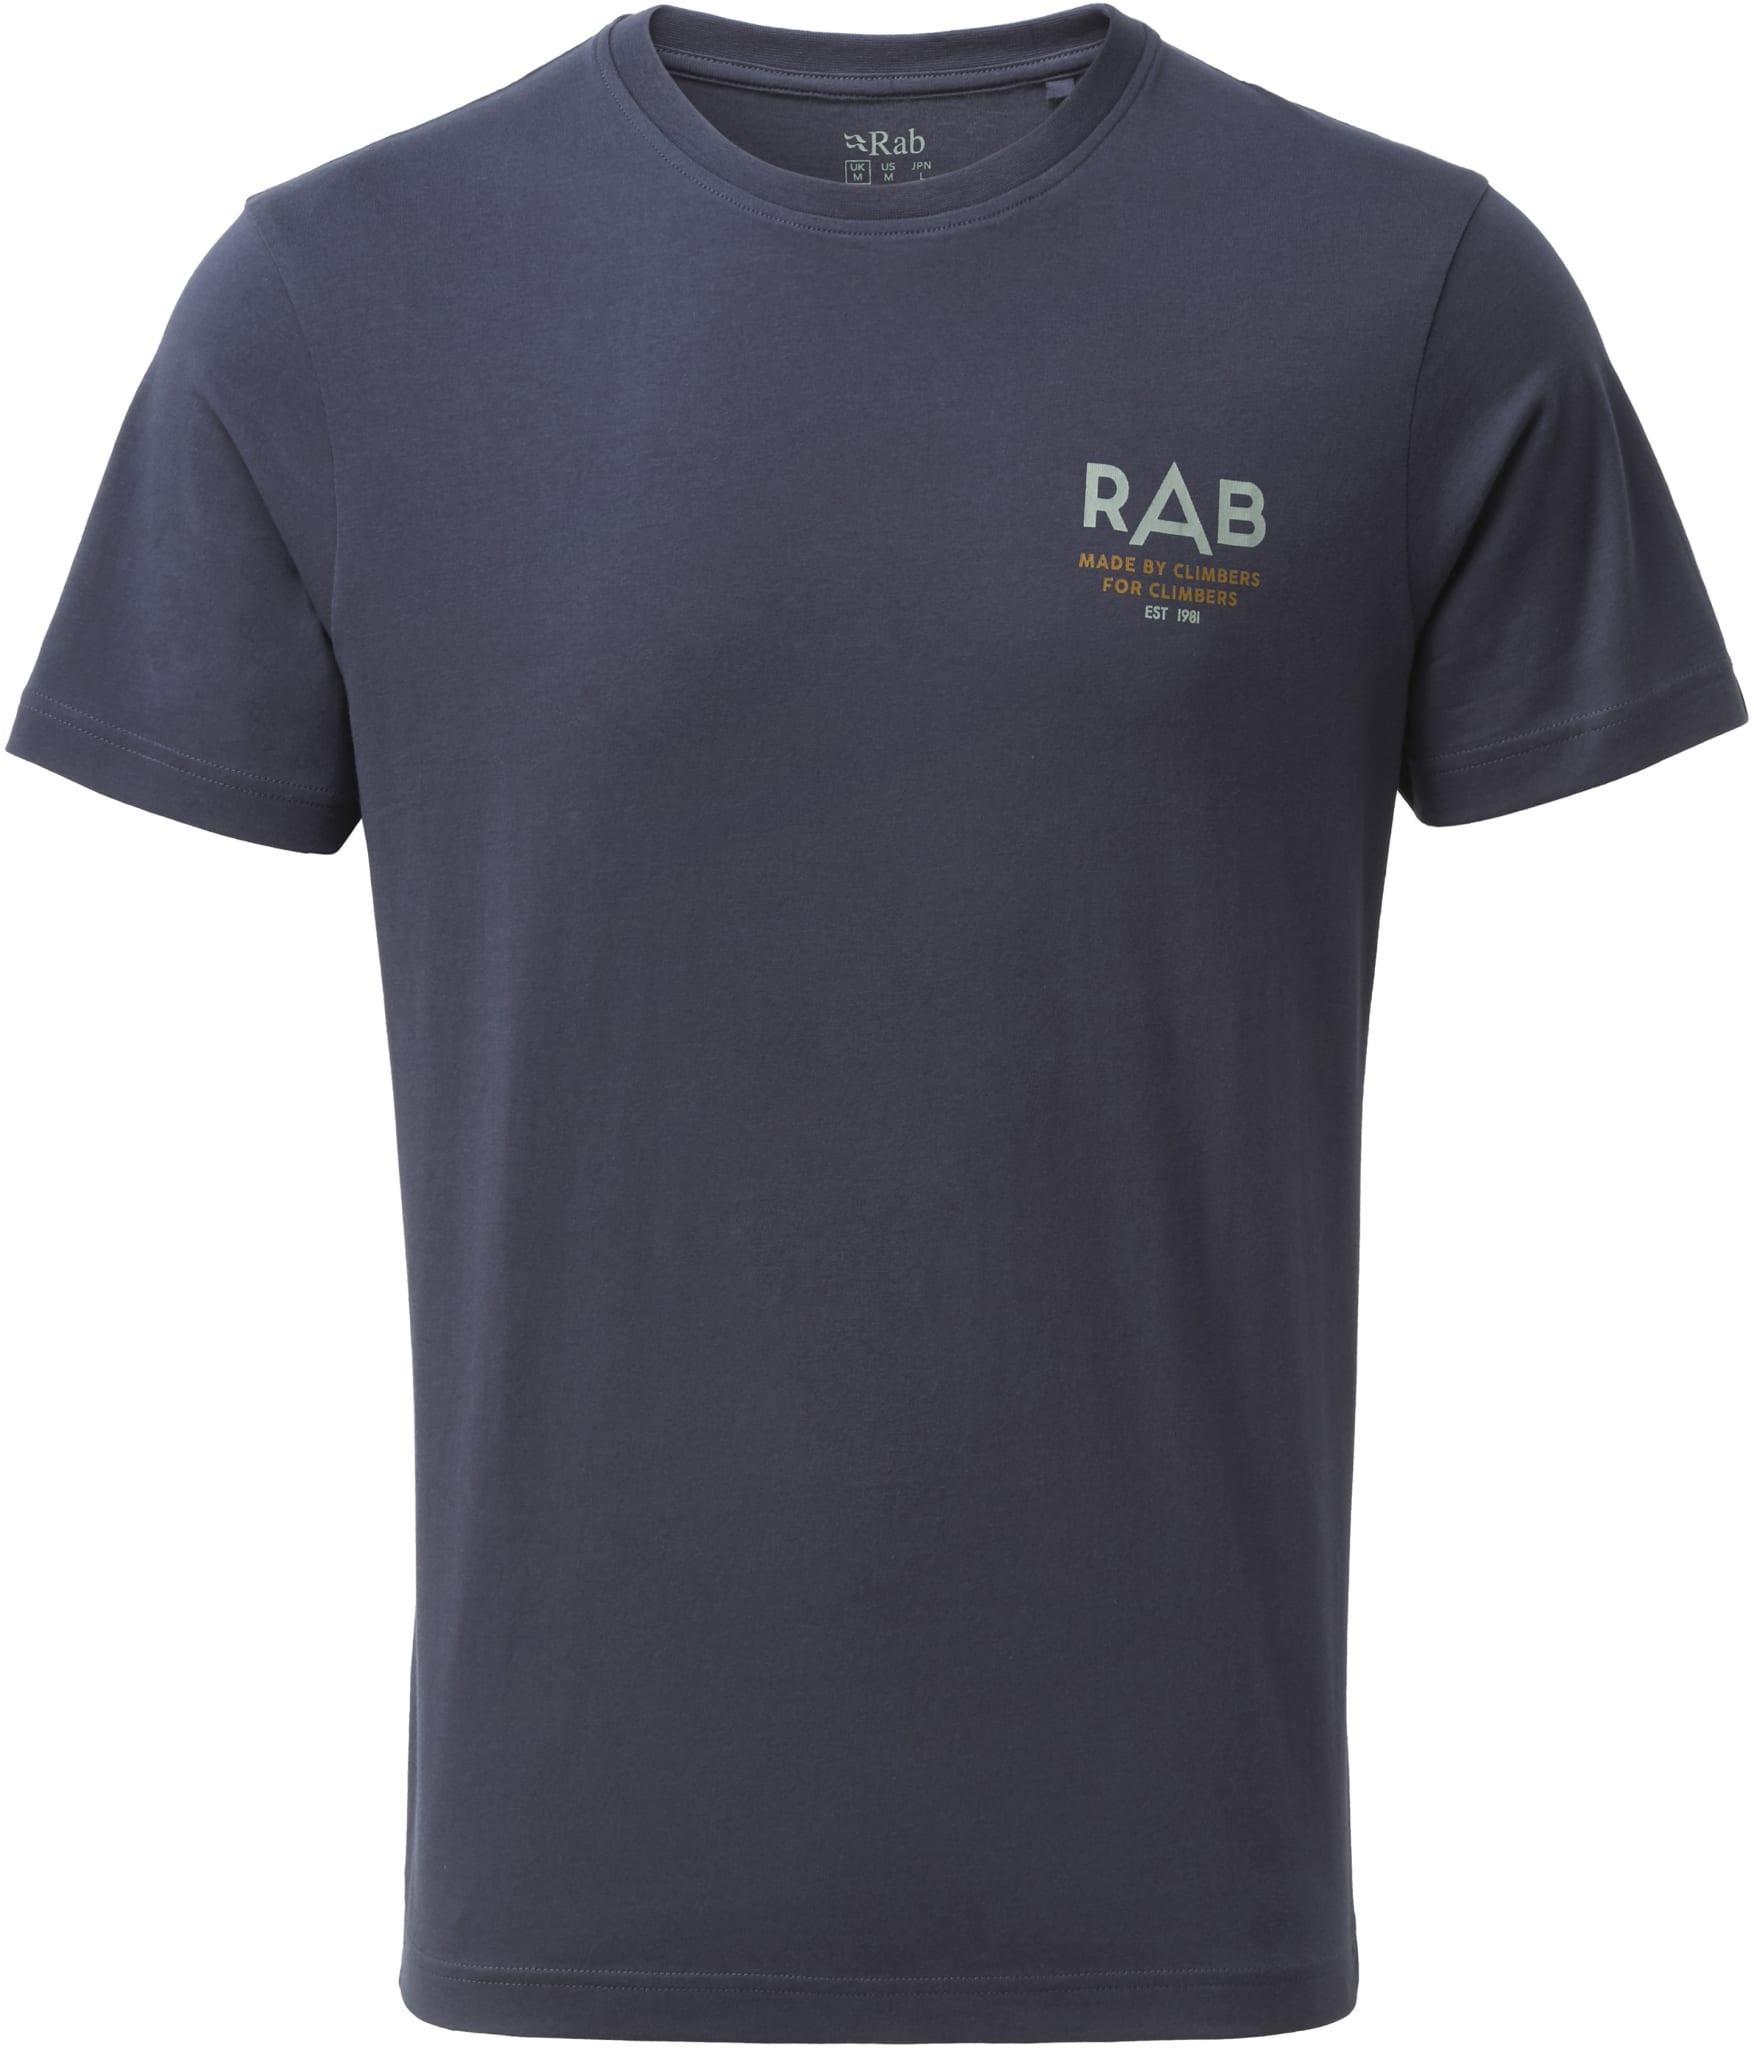 Komfortabel T-Skjorte i organisk bomull